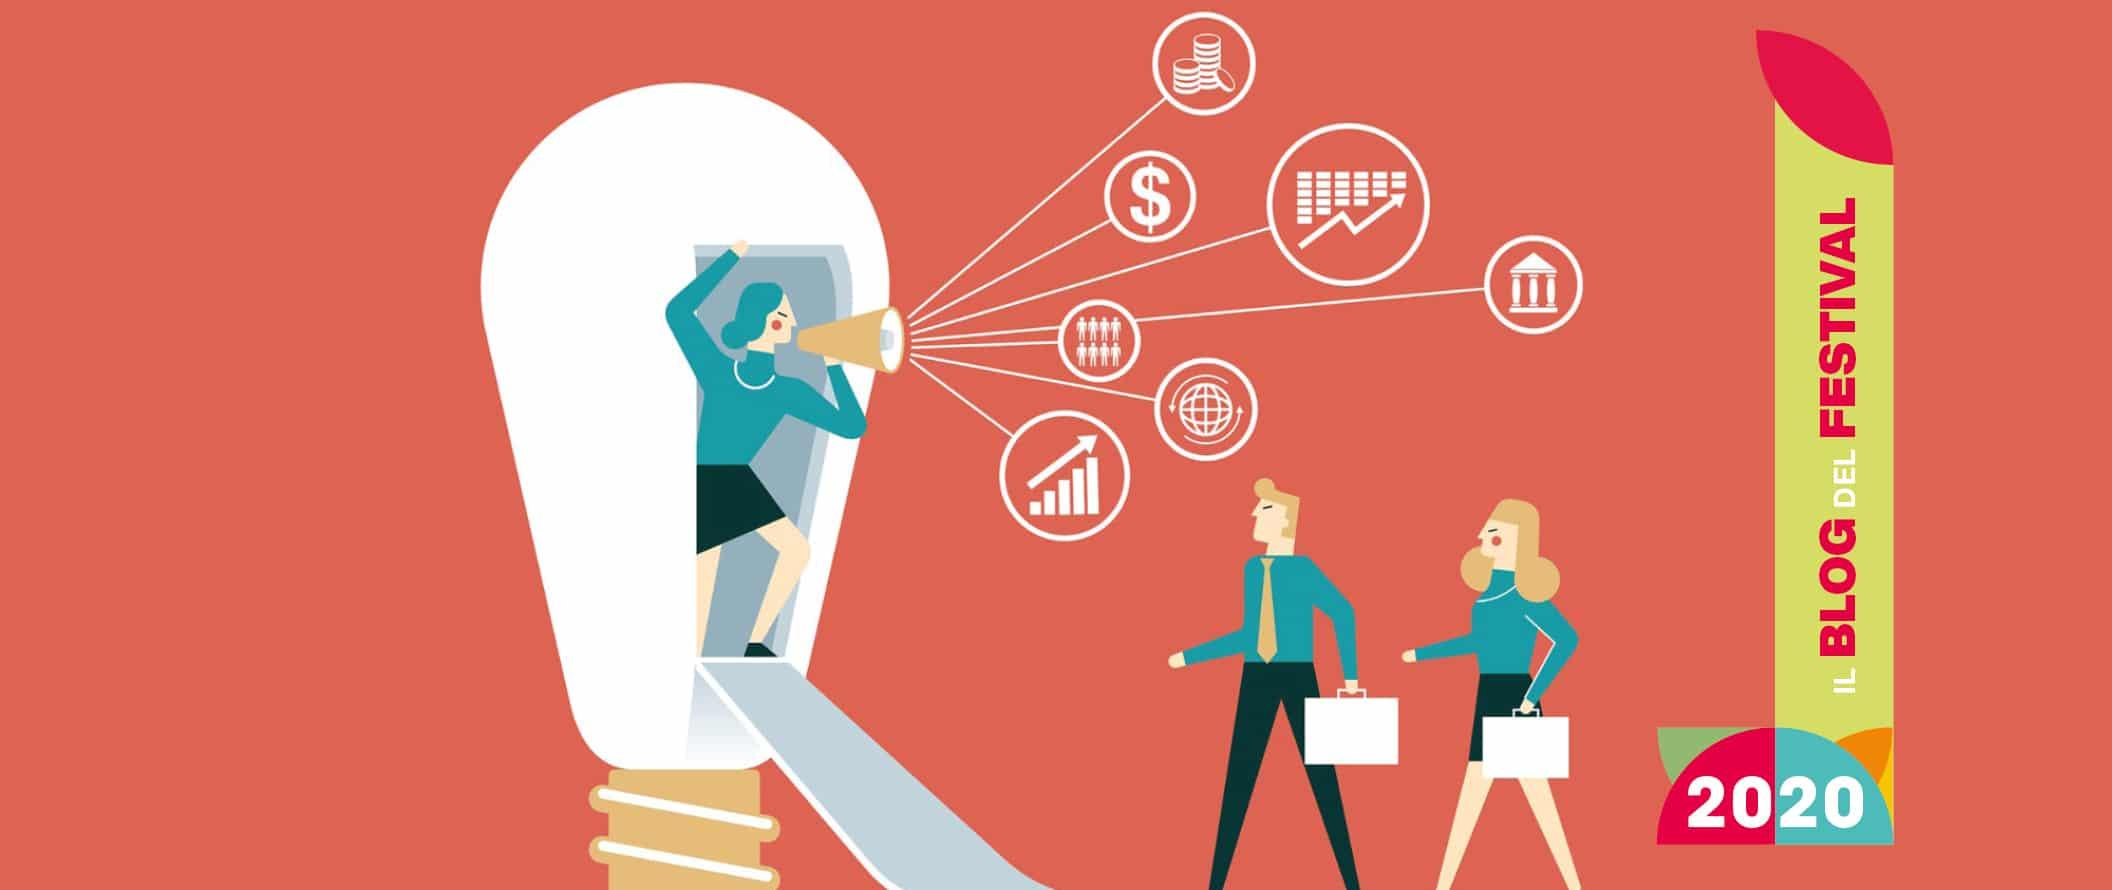 Impresa, finanza e indebitamento: guarda il webinar dell'Osservatorio sulle Crisi d'Impresa